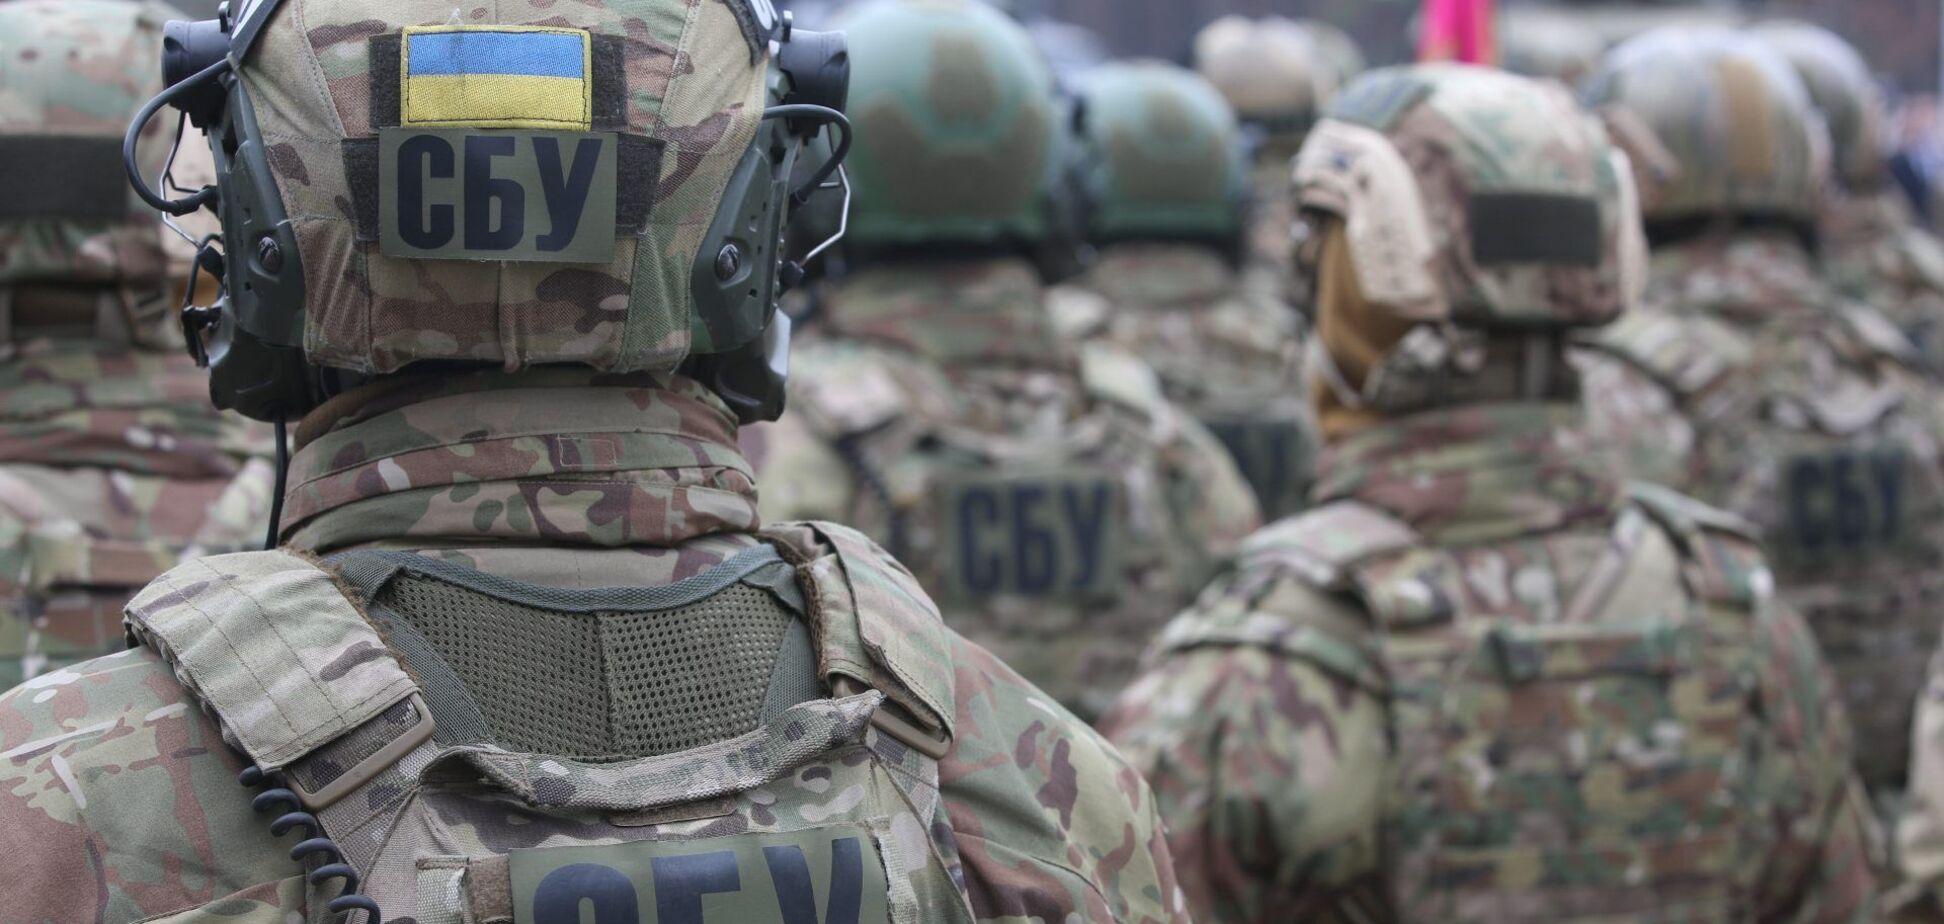 СБУ разоблачила преступников, которые хотели продать нелегальное оружие криминалитету